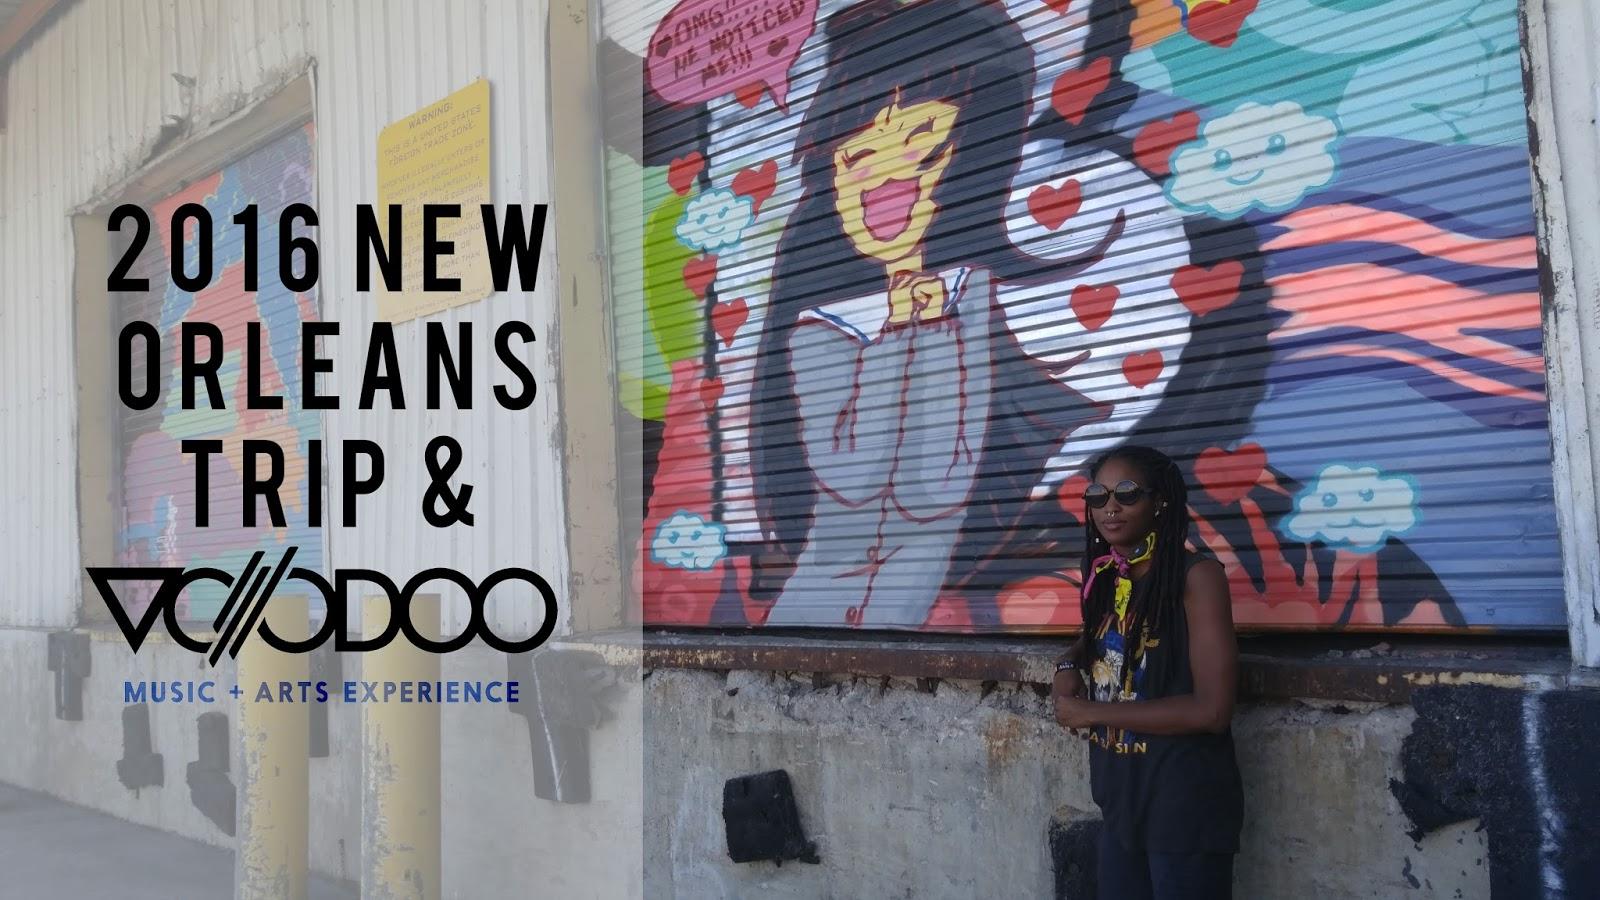 2016 New Orleans Trip & Voodoo Festival